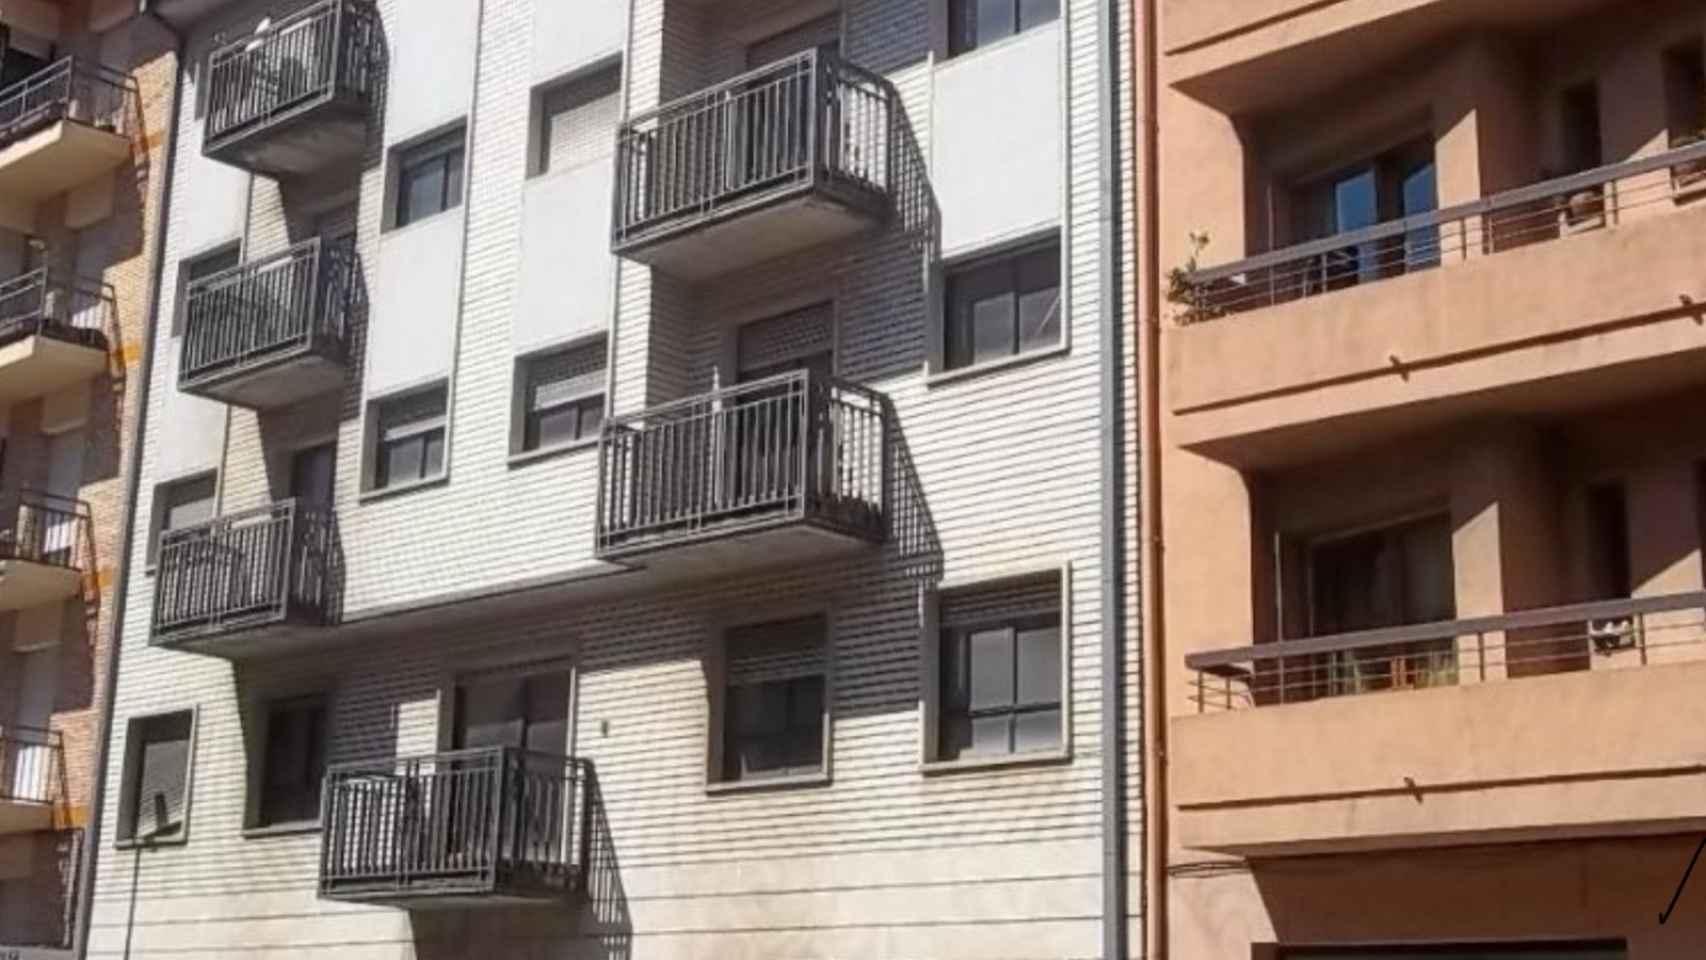 Los 11 cuarteles que la Guardia Civil ha puesto a la venta en su 'portal inmobiliario'